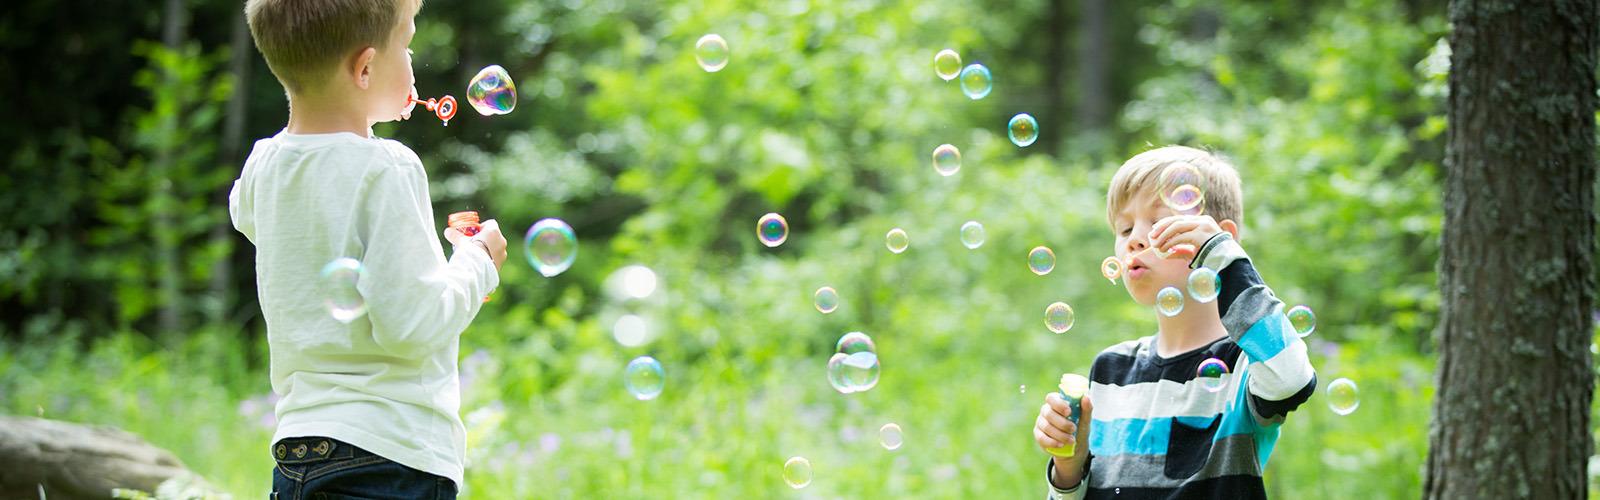 Brata, stara 4 in 7 let, veselo pihata balončke eden proti drugemu v gozdu, ki je obsijan s soncem.